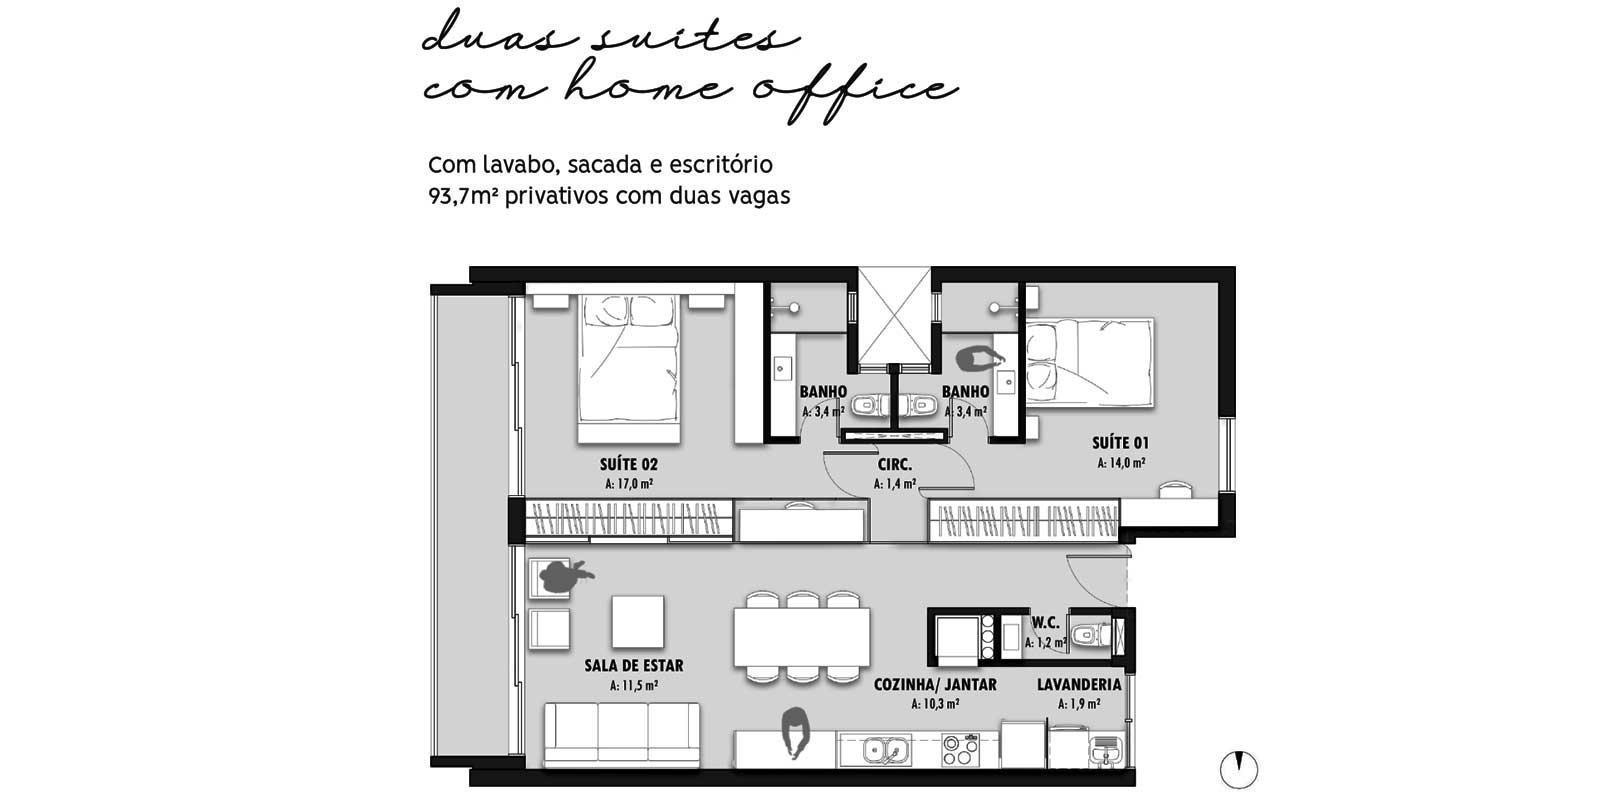 TPS Imóveis - Veja Foto 14 de 20 do Apartamentos com 1 ou 2 suítes com piscina na cobertura